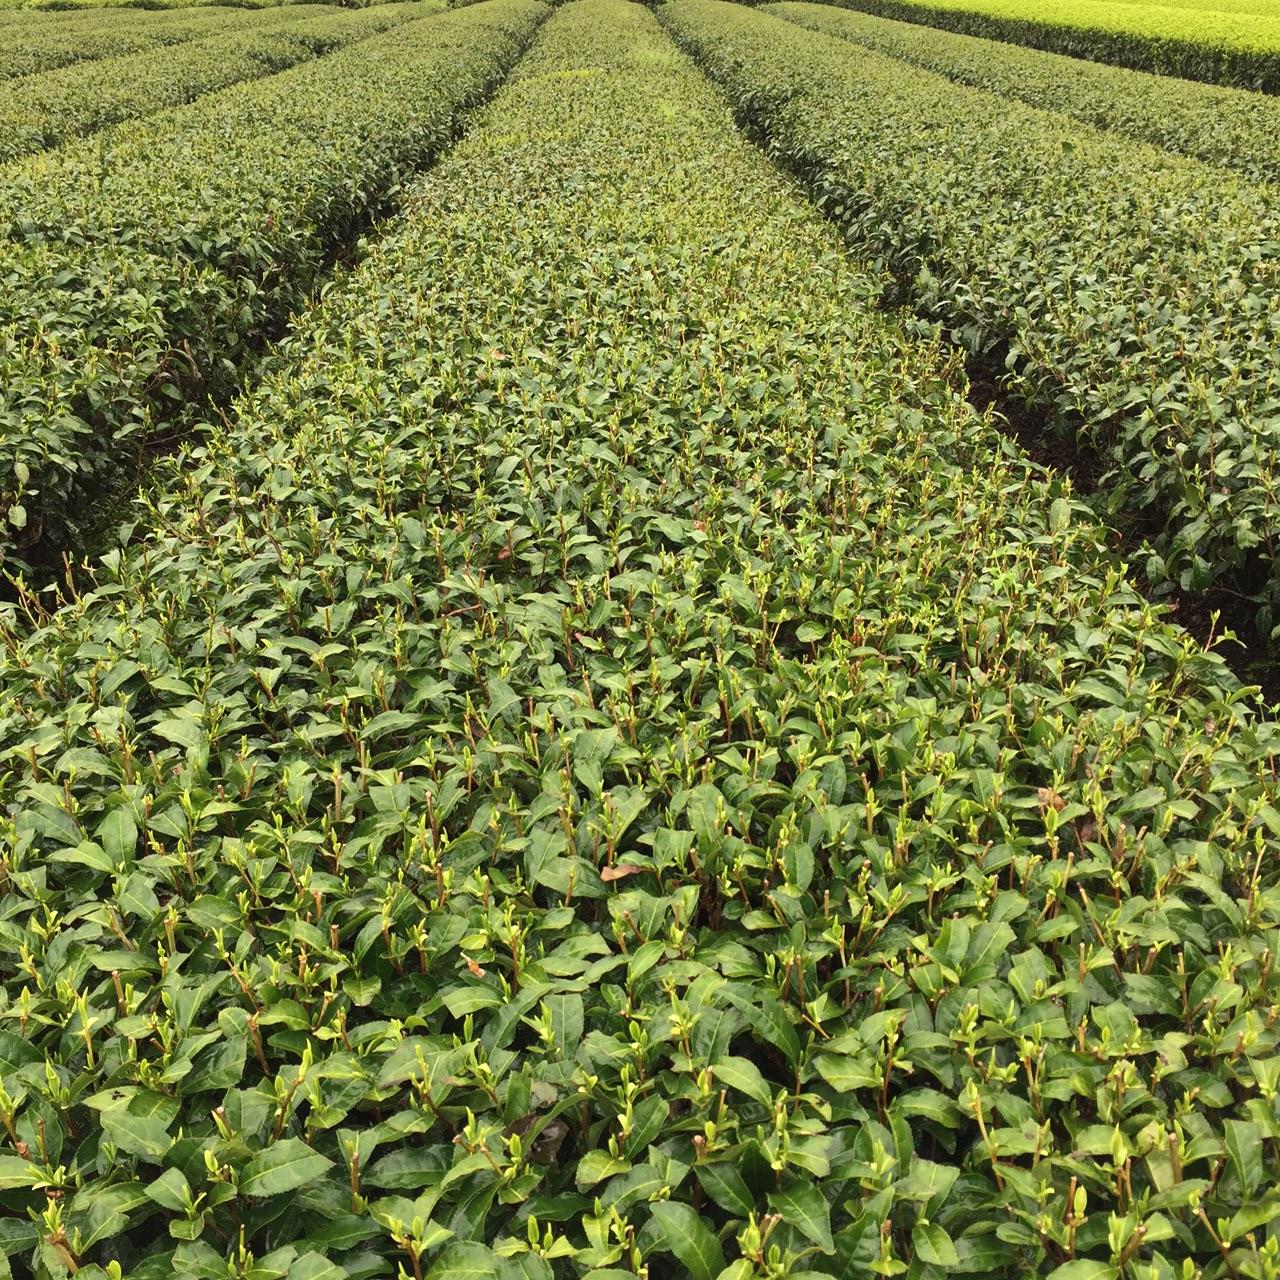 2017年4月11日かごしま緑茶の茶園風景です。品種はヤブキタです。小さな新芽が顔を出しました。